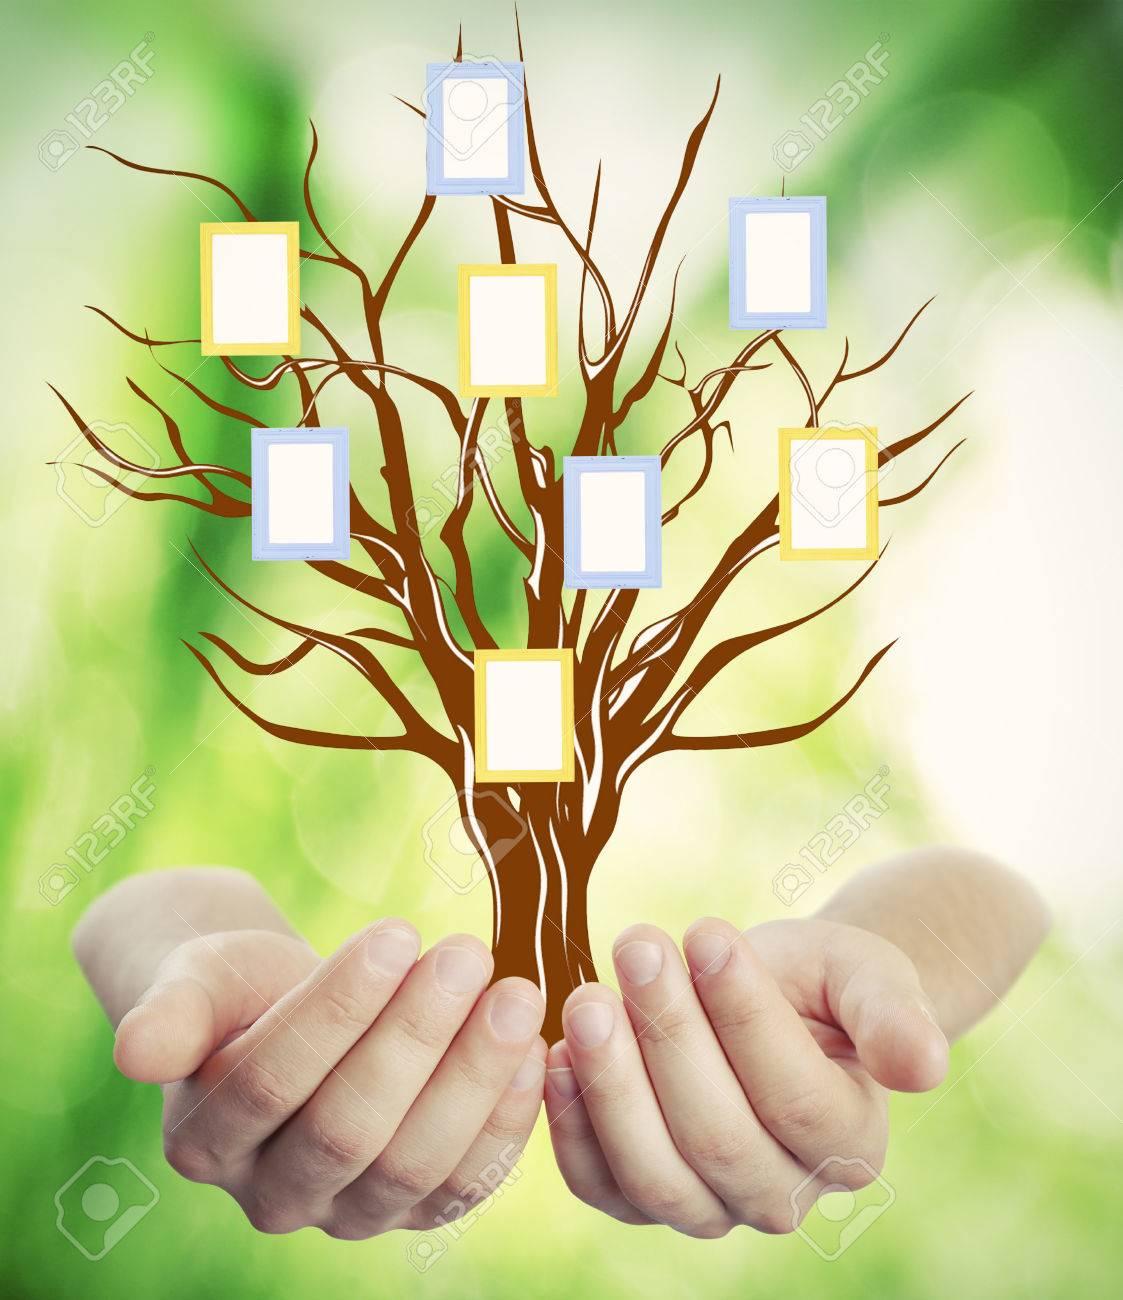 De Familia La Mano (genealogía) árbol Con Marcos En Blanco, En El ...